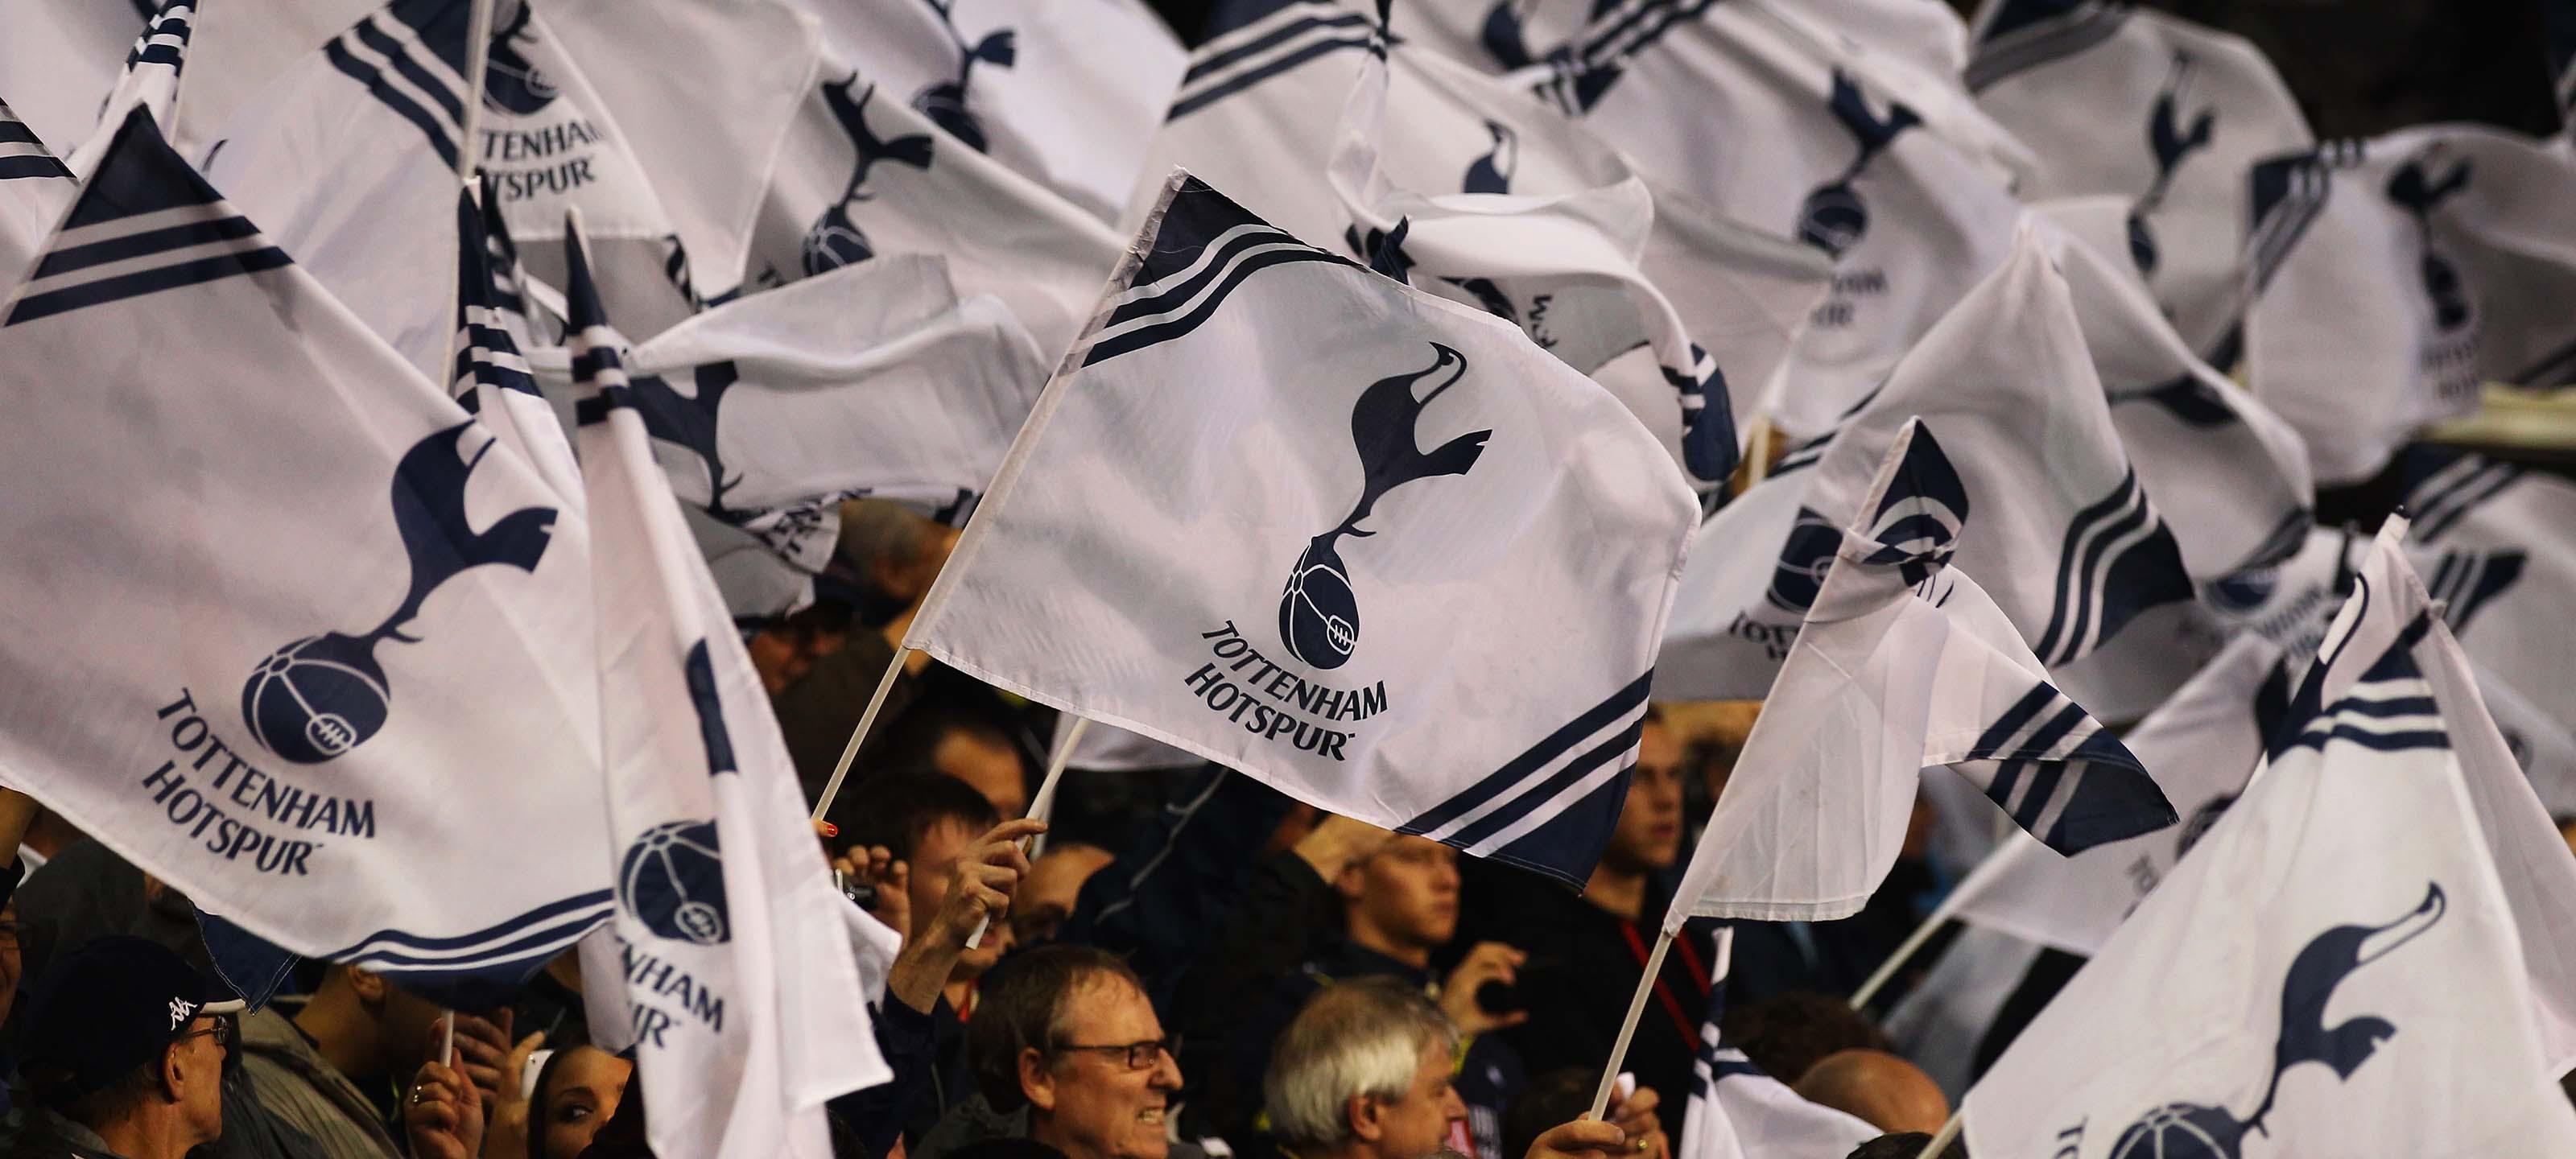 Tottenham Hotspur FC officiel Football Cadeau Plaqu/é argent Dog Tag Cha/îne et/ /Une Excellente id/ée de cadeau danniversaire//de No/ël pour hommes et gar/çons